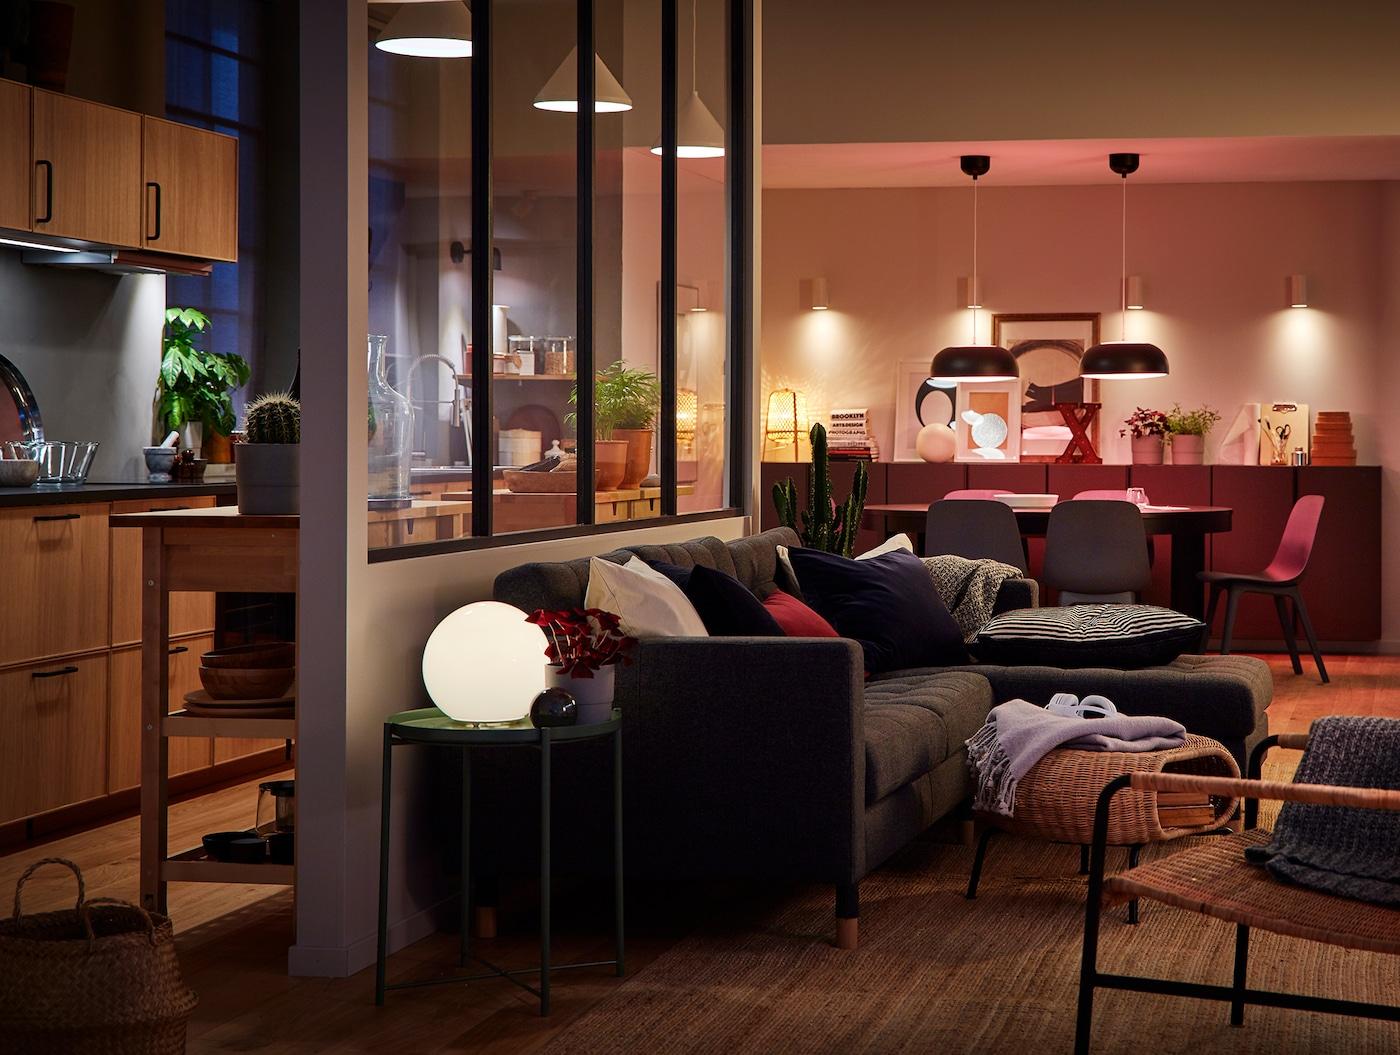 Séjour, salle à manger, cuisine open plan et l'éclairage malin TRÅDFRI.